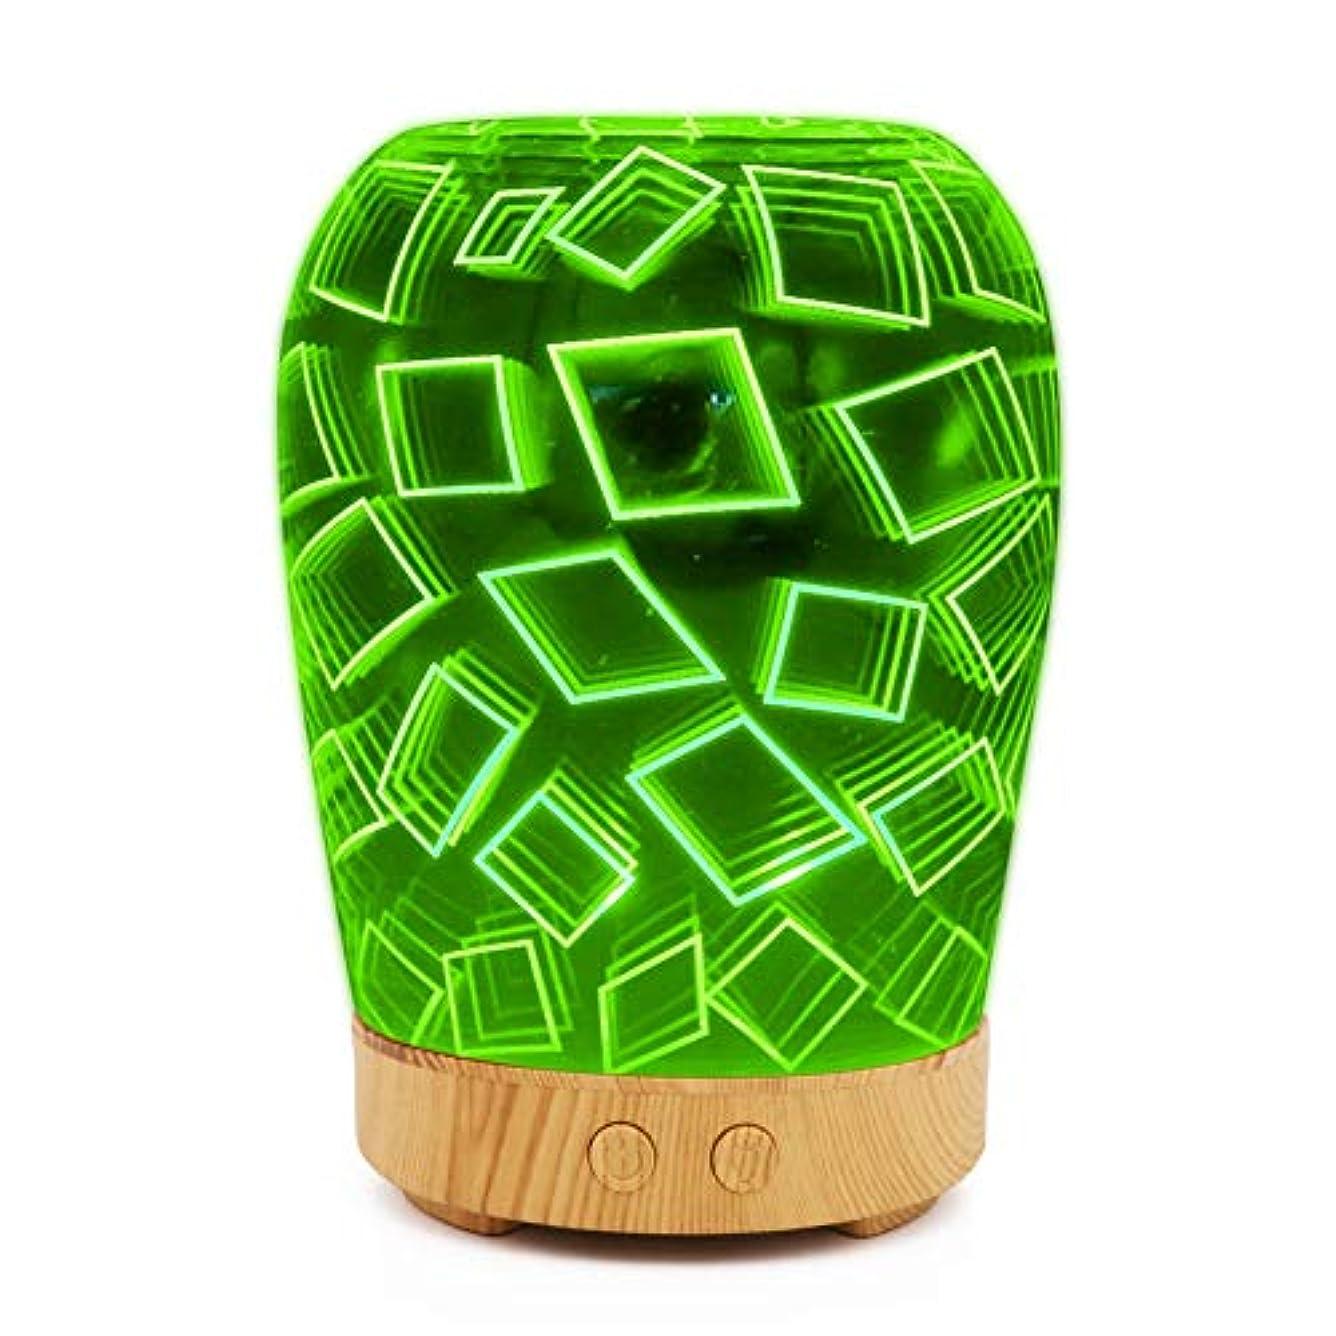 メッセージレビュー森林3Dアロマテラピーマシン加湿器、アロマエッセンシャルオイルクールミスト加湿器、調整可能ミストモード、ウォーターレスオートシャットオフ,shallowgrain2